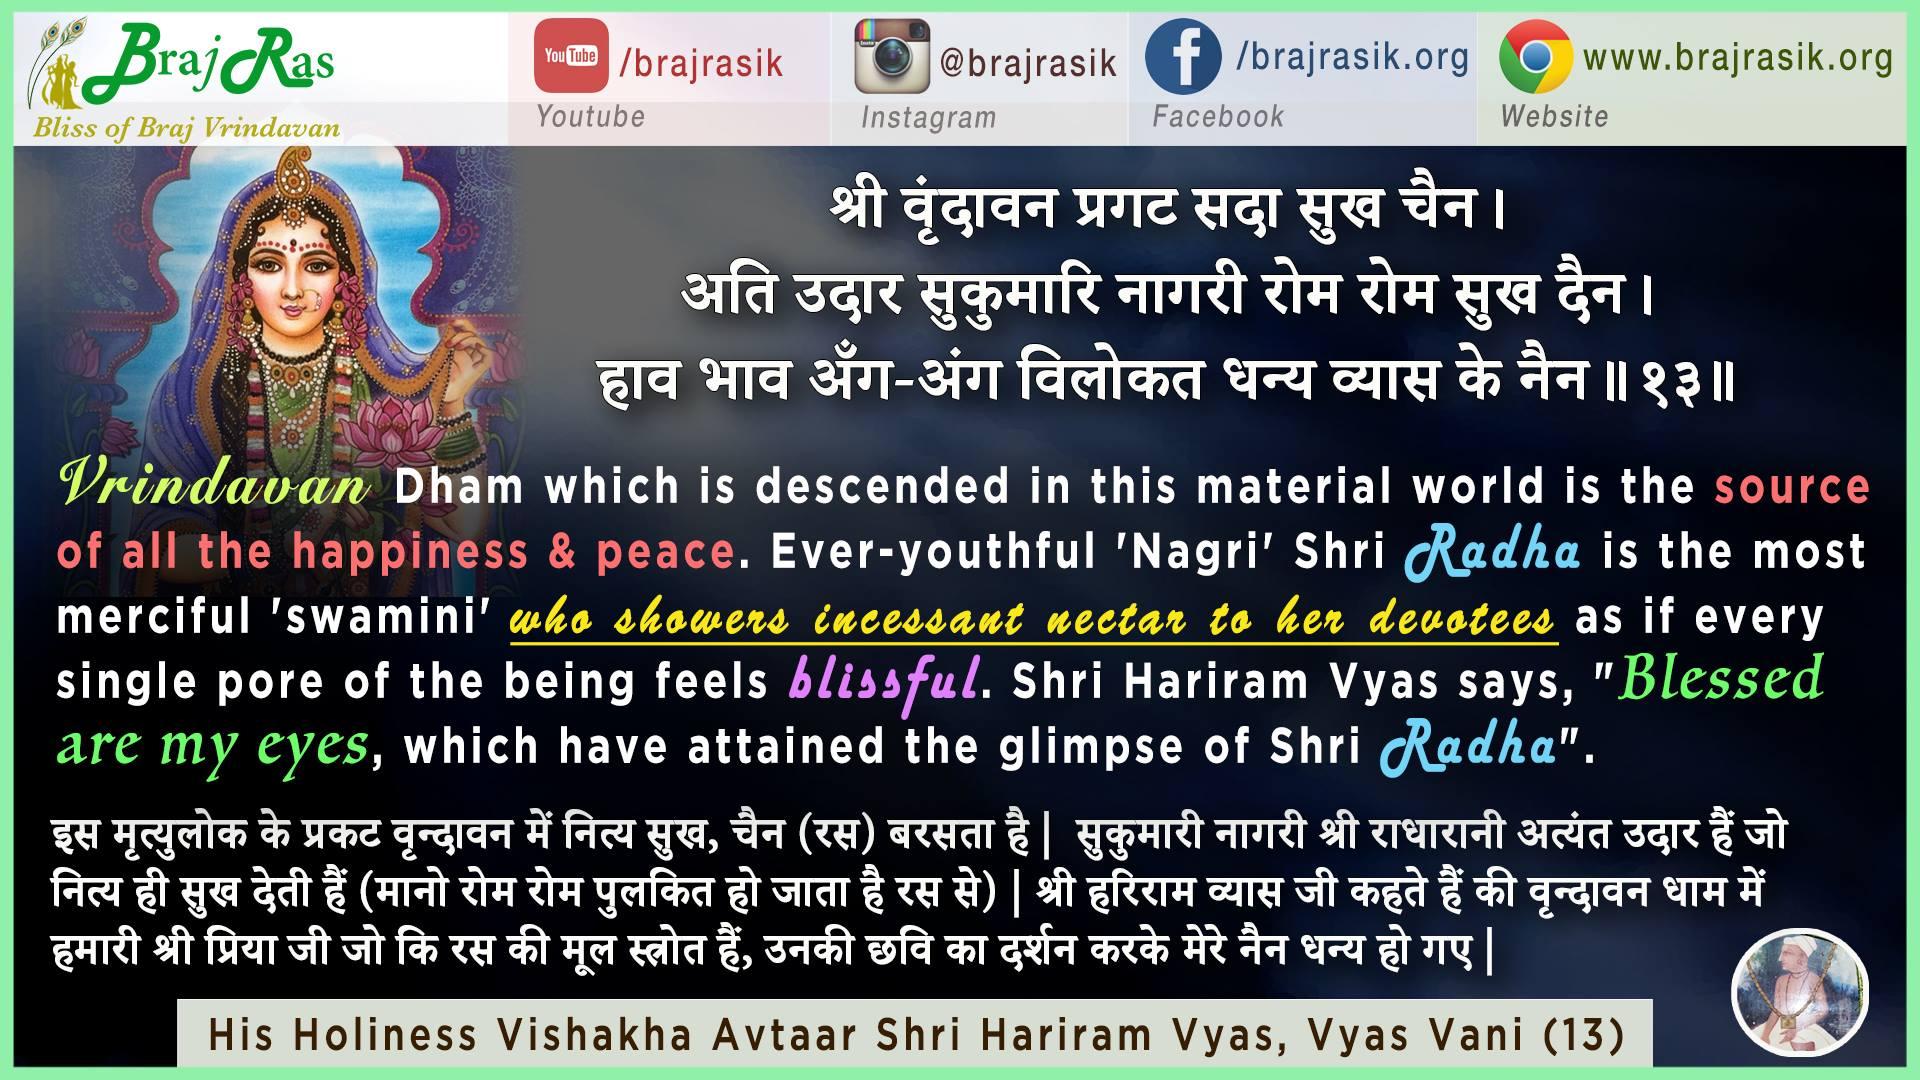 Shri Vrindavan Pragat Sada Sukh Chain - Shri Hariram Vyas, Vyas Vani (13)